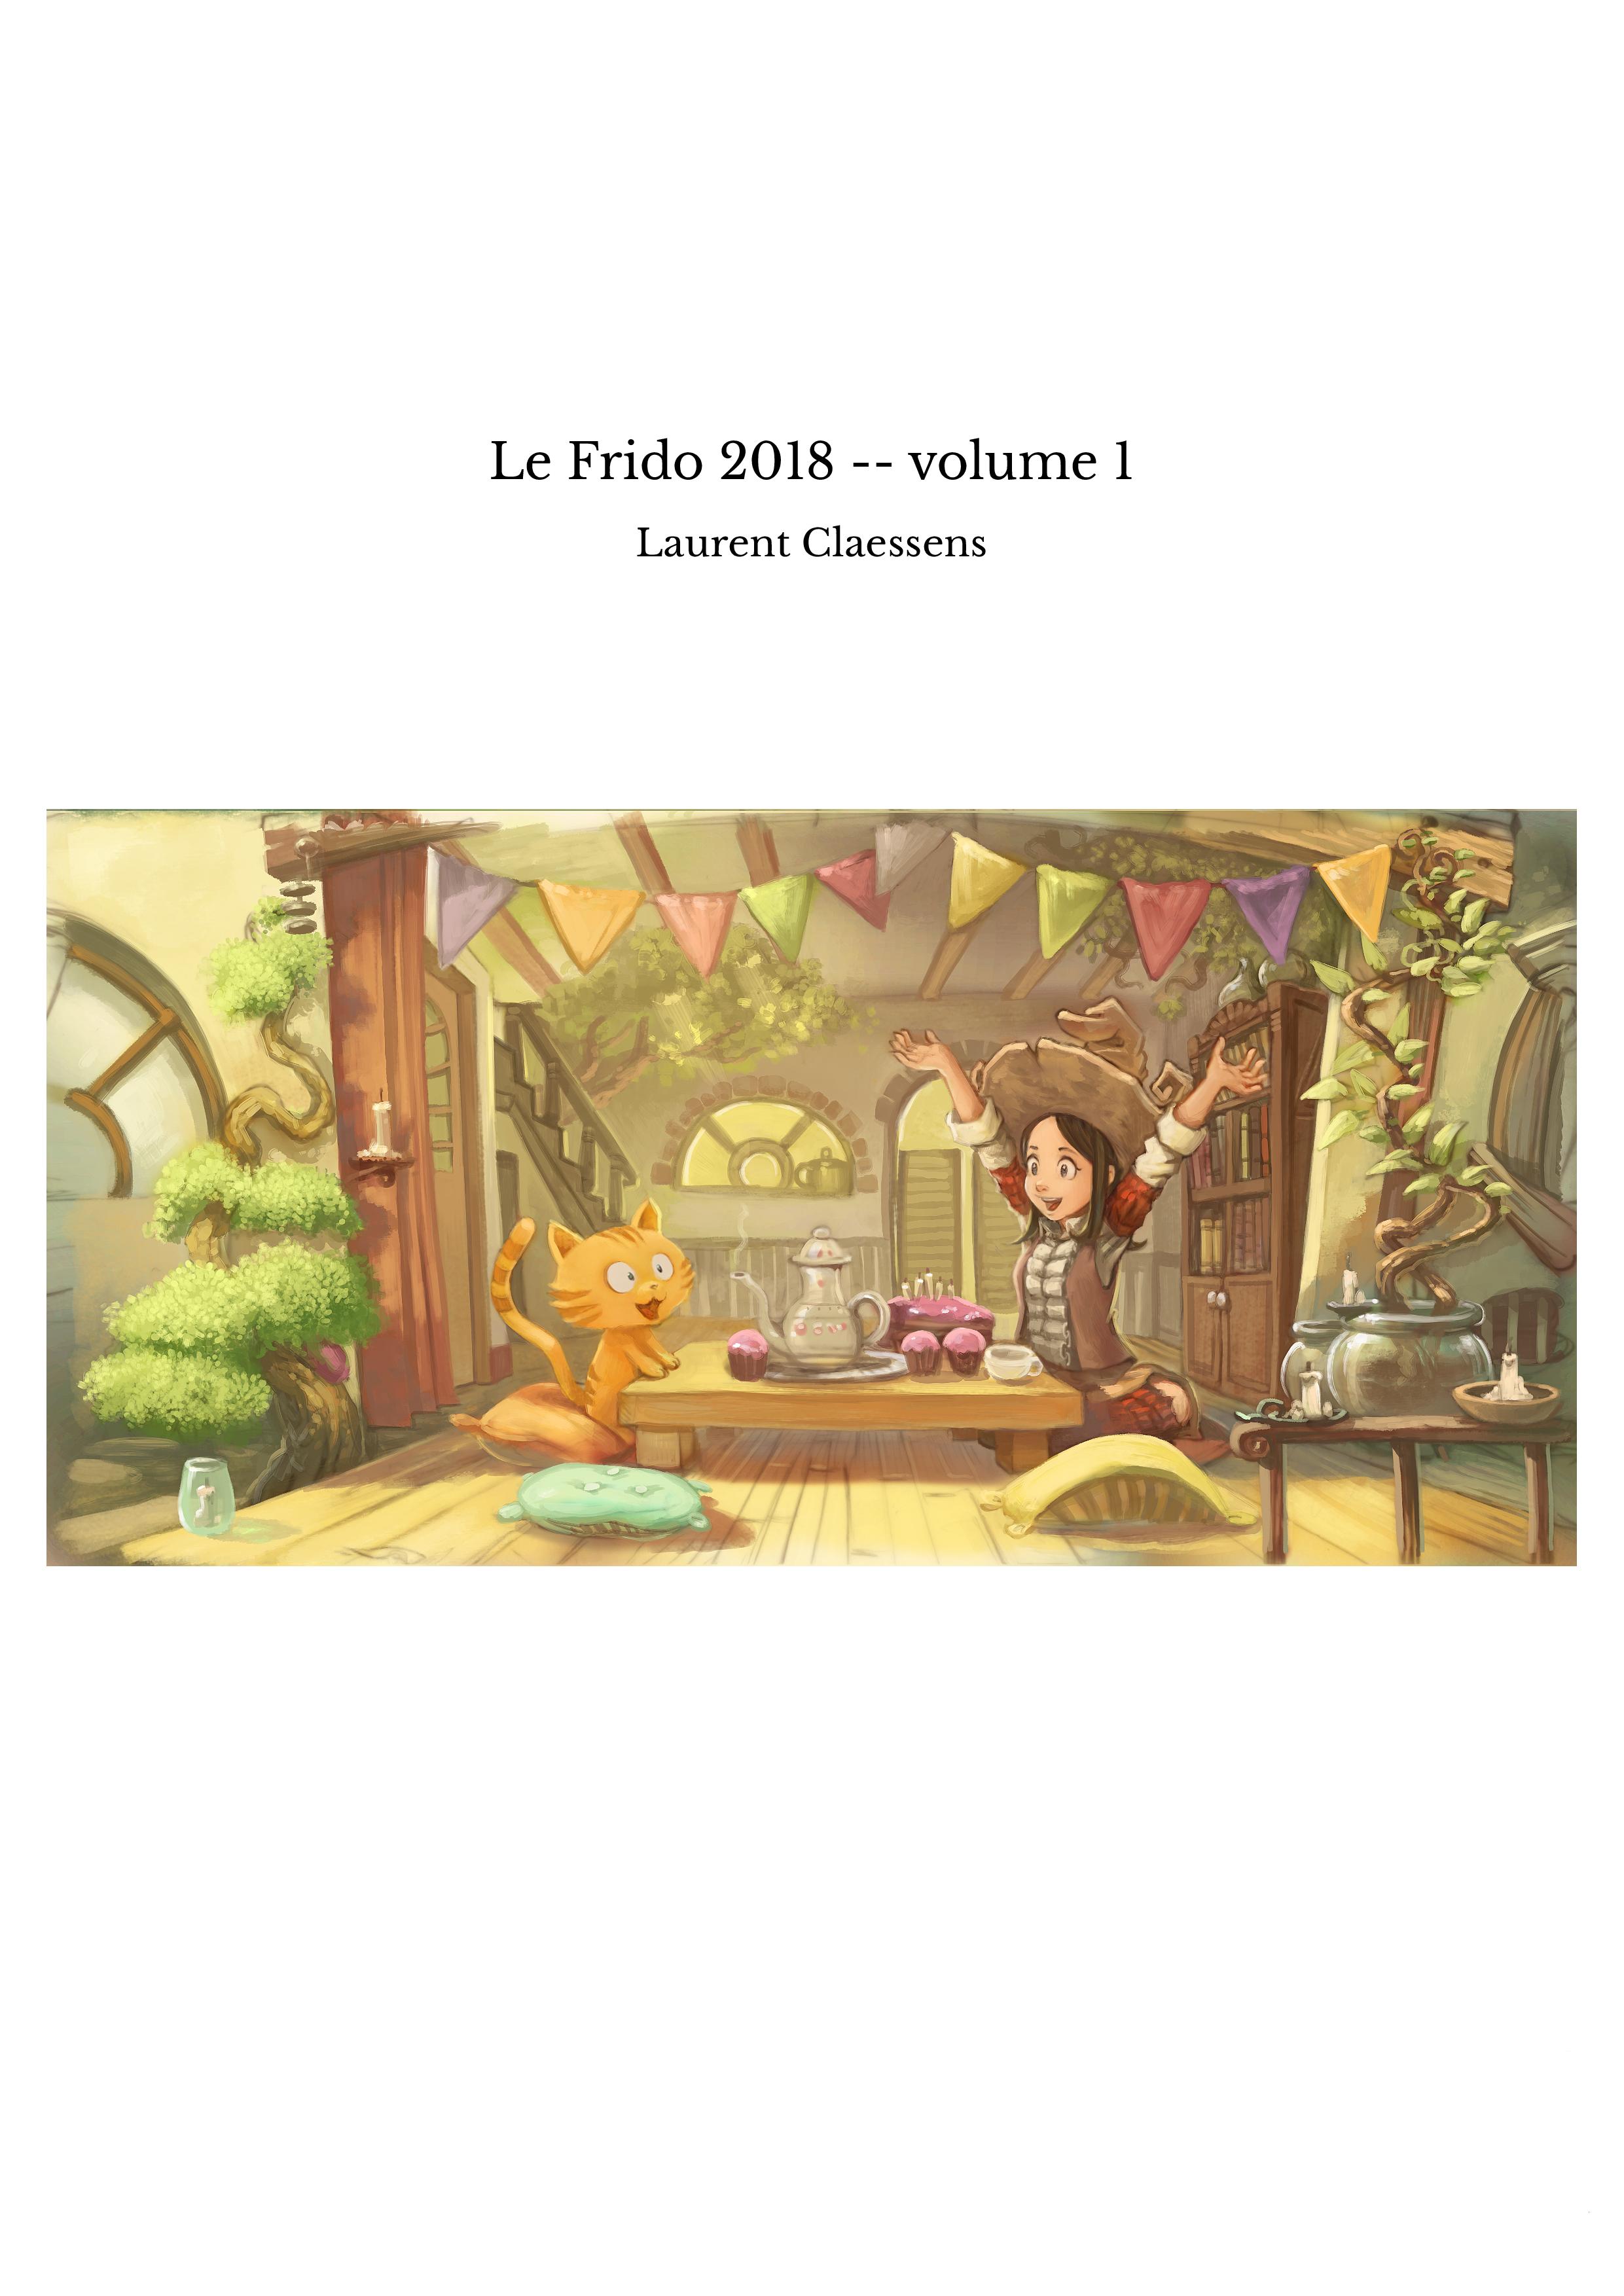 Le Frido 2018 -- volume 1